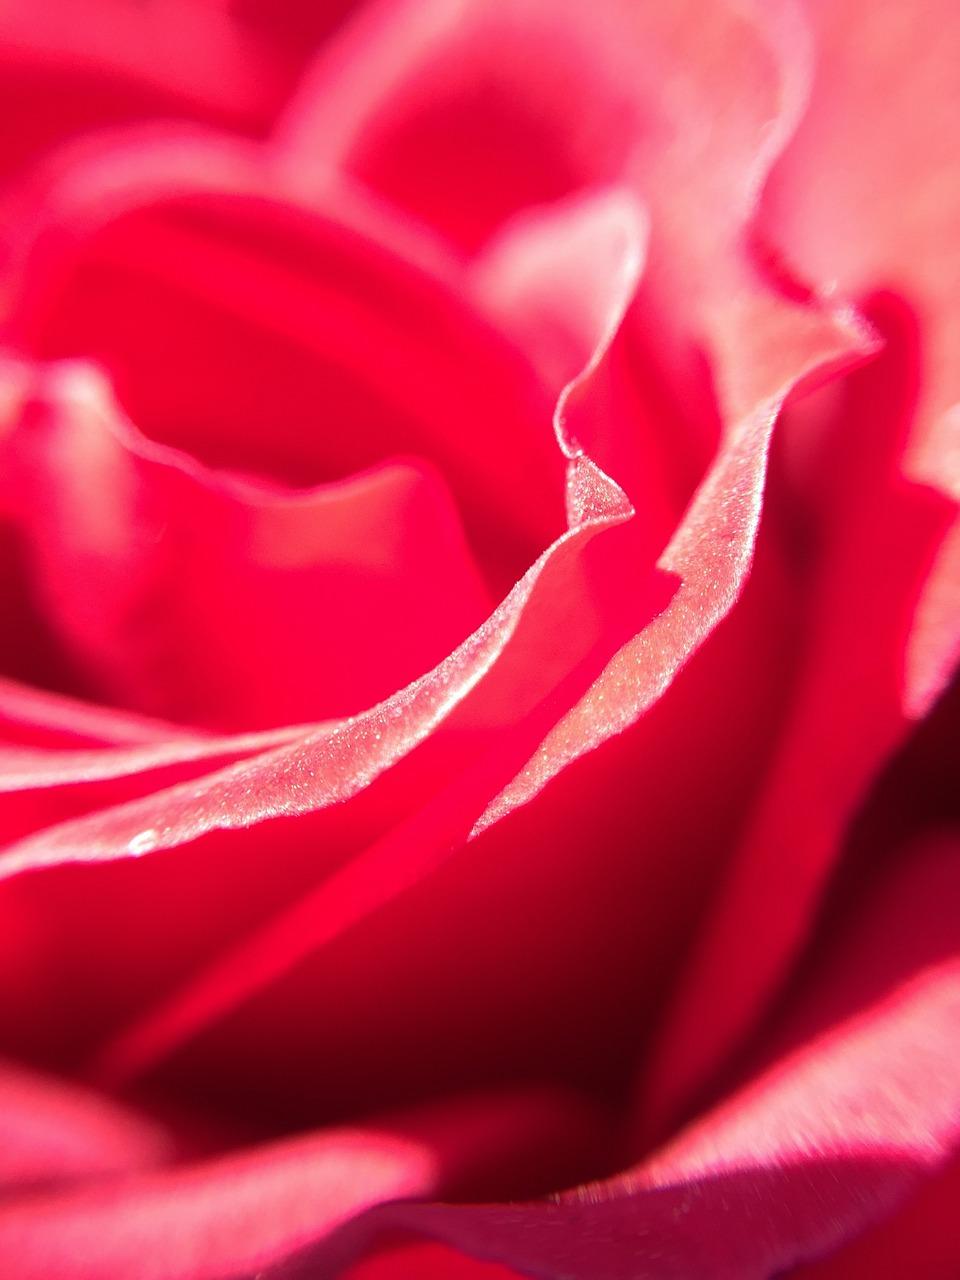 Rosaredbeautifulred roseflower free photo from needpix rosaredbeautifulred roseflowerrosesred roses izmirmasajfo